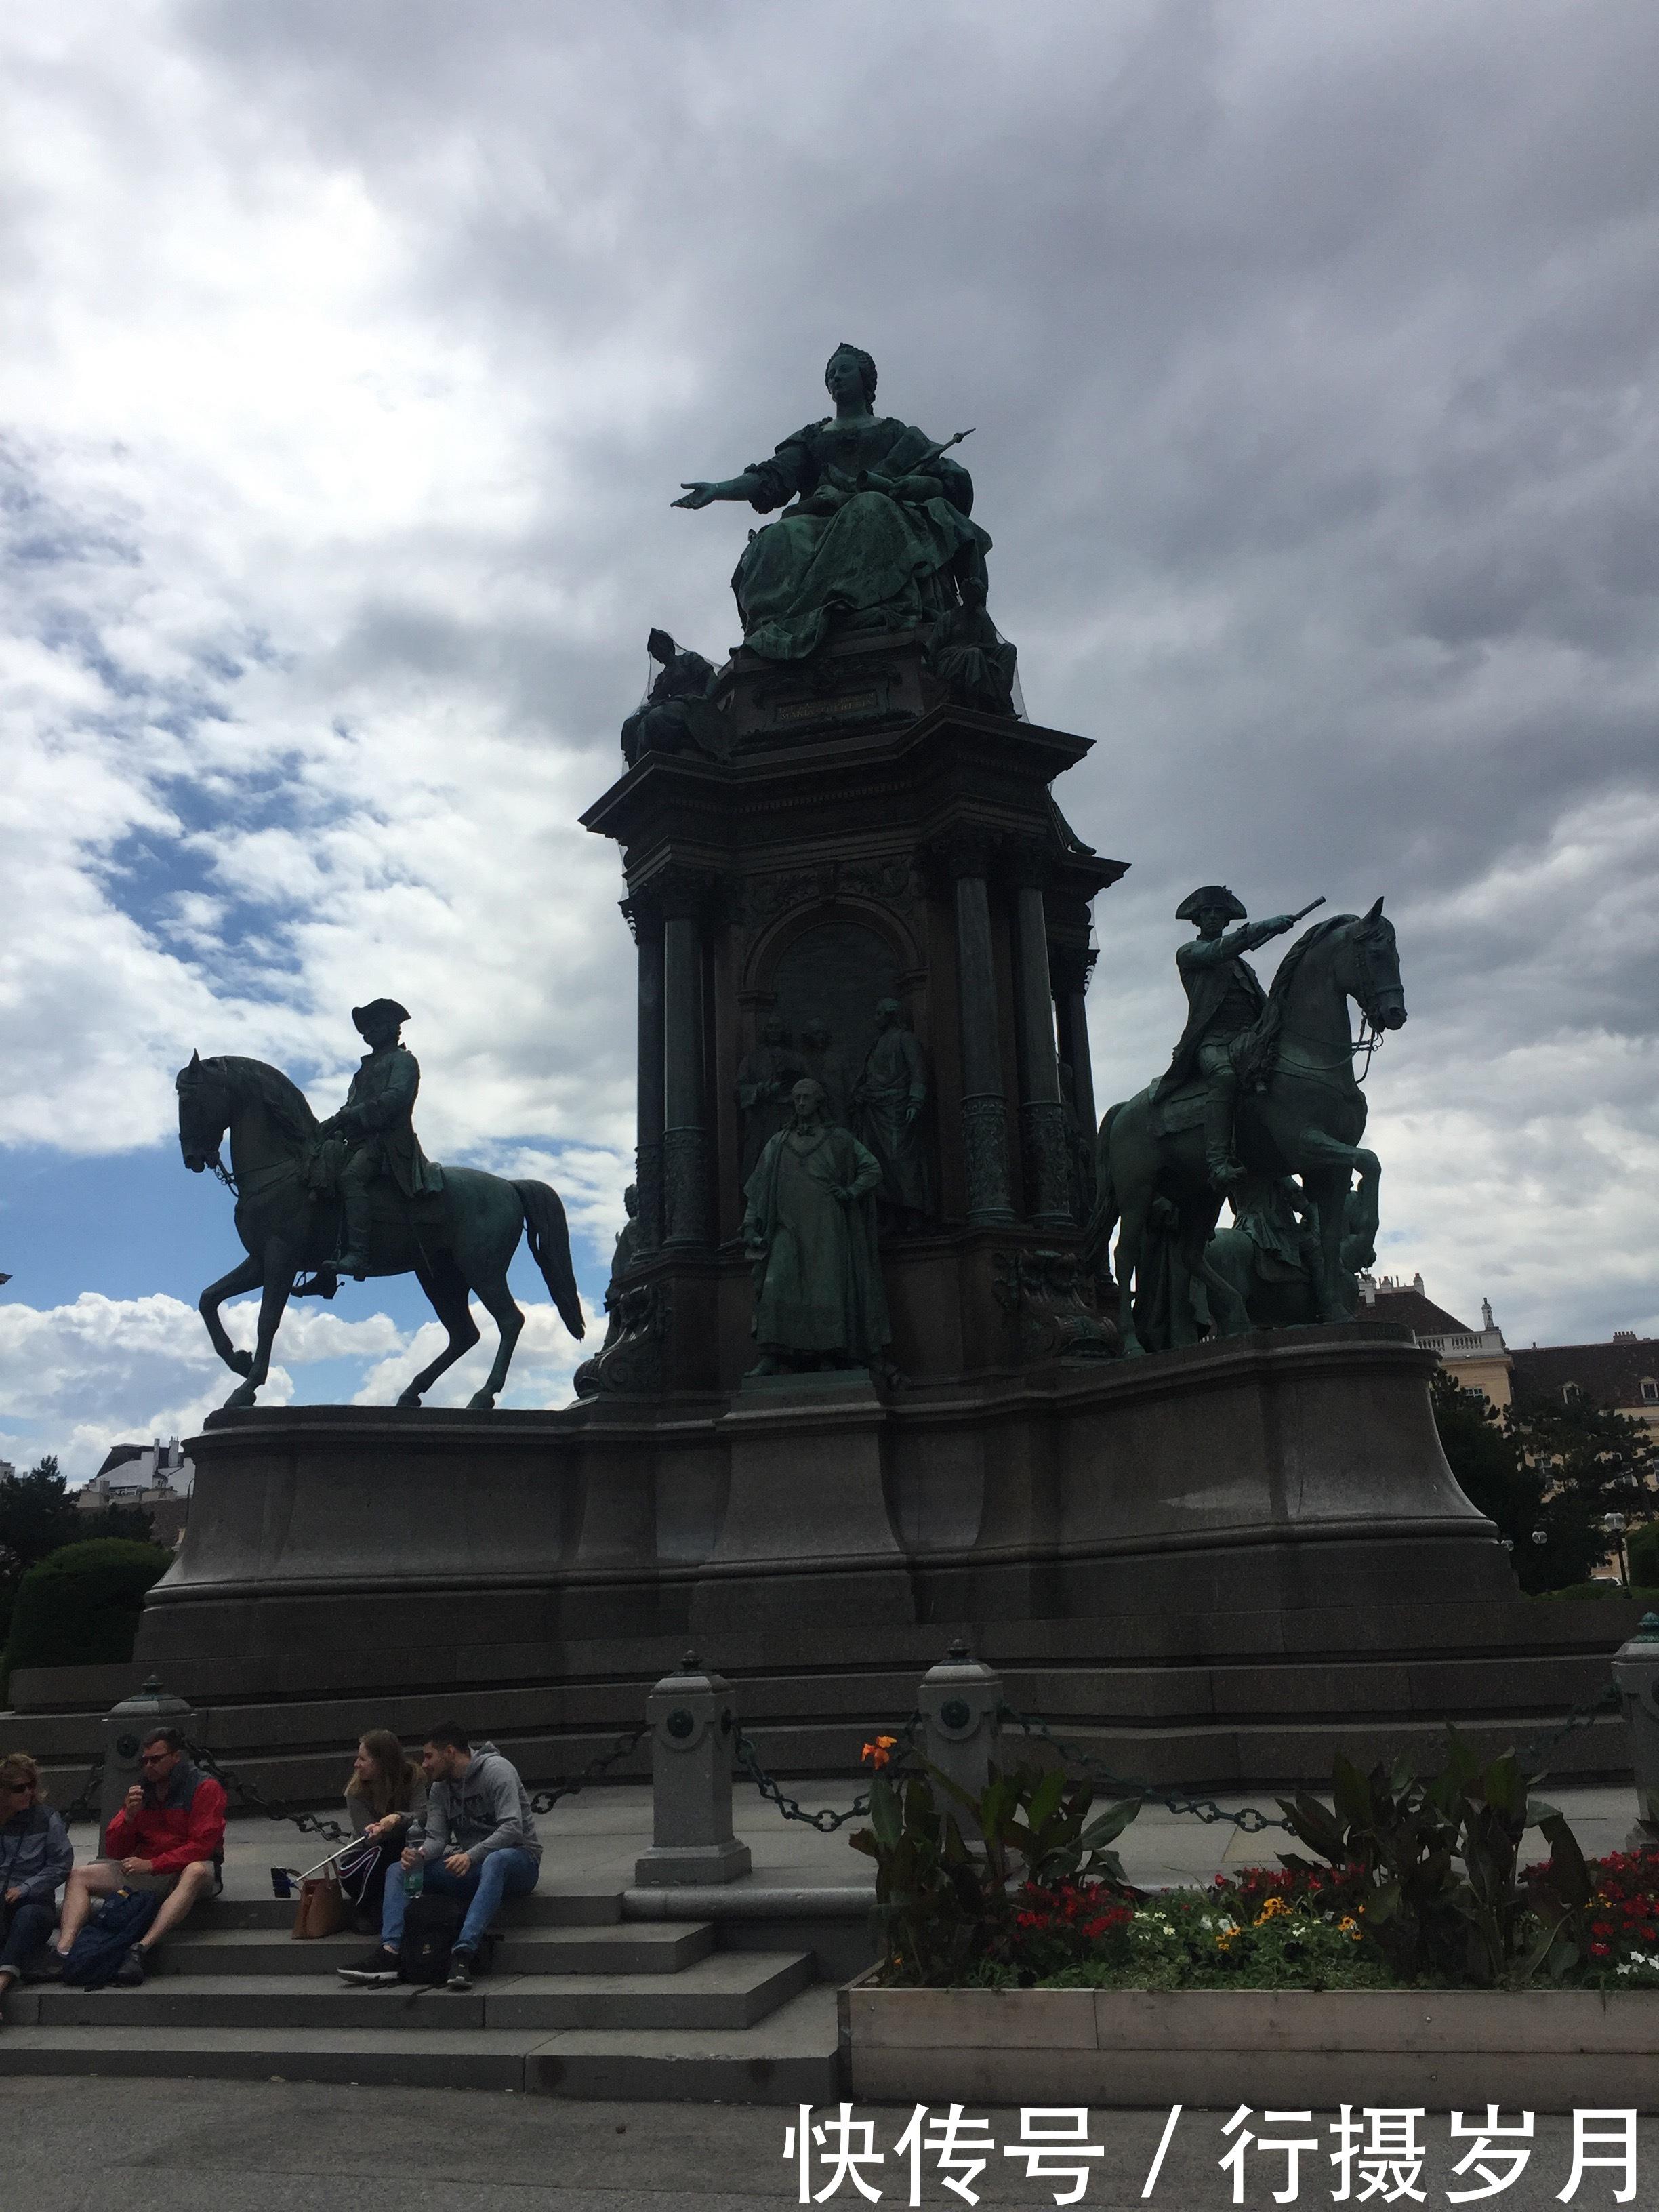 走进奥地利,感受蓝色多瑙河的风情与韵律